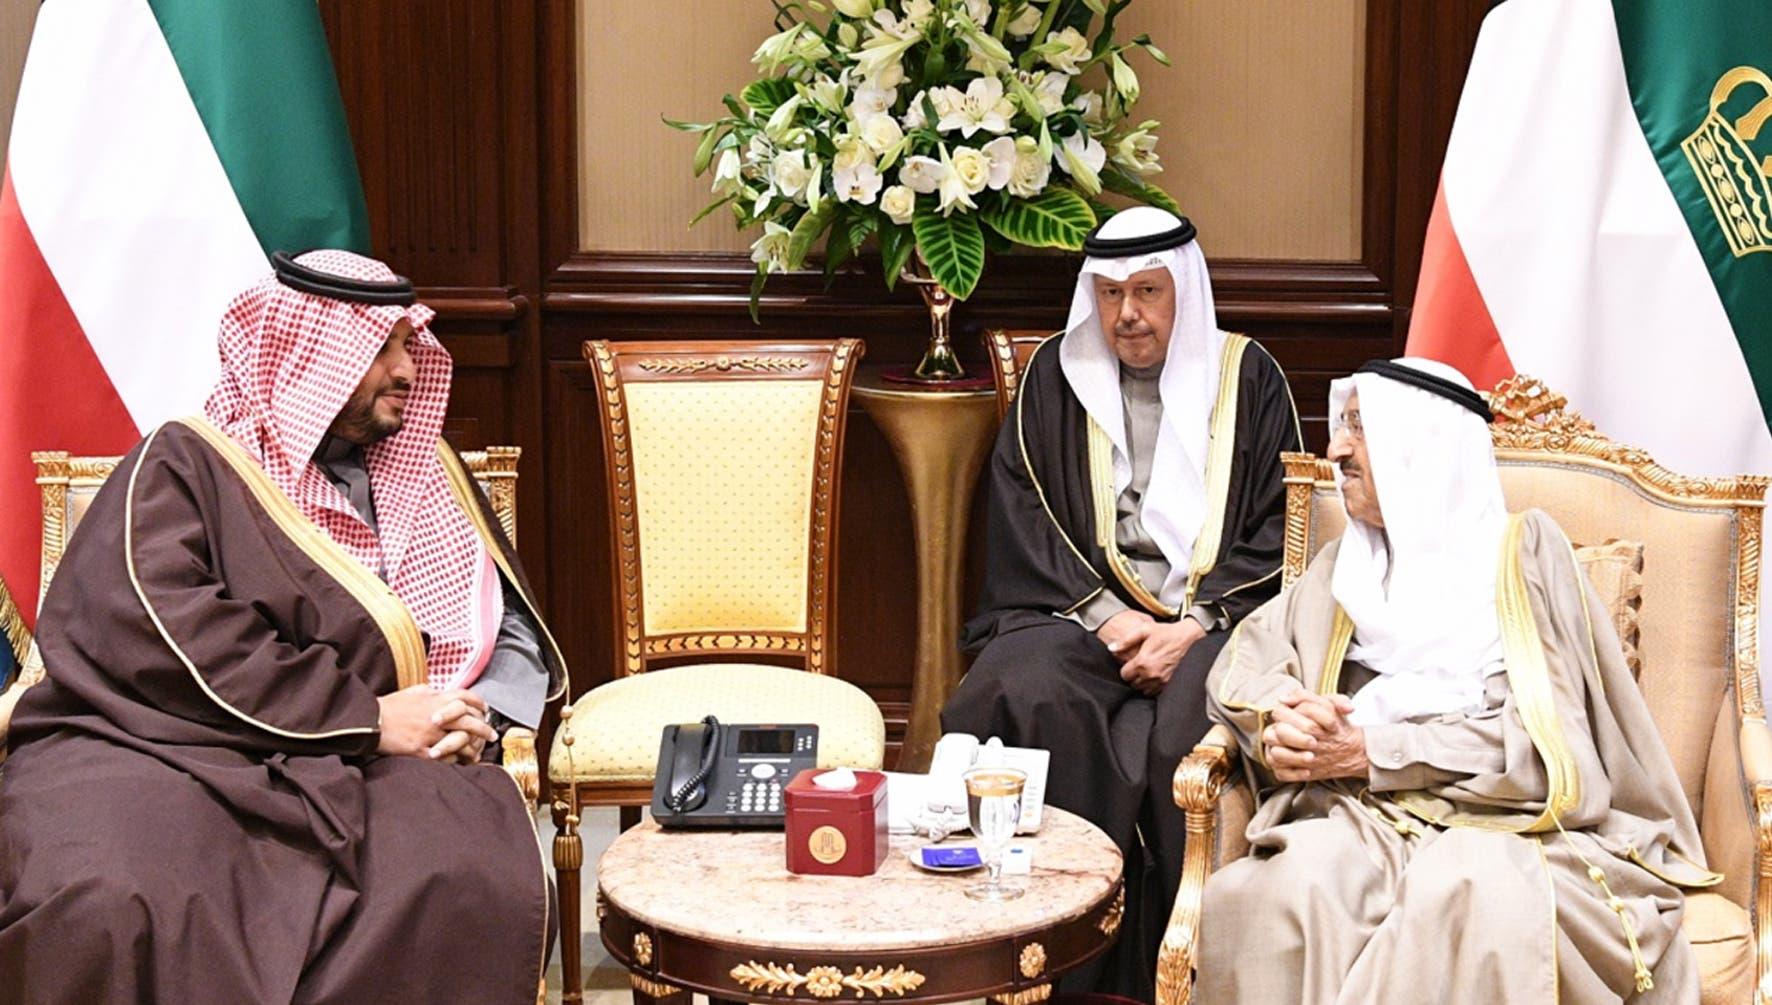 أمير الكويت ووزير الدولة السعودي وعضو مجلس الوزراء الامير تركي بن محمد بن فهد آل سعود